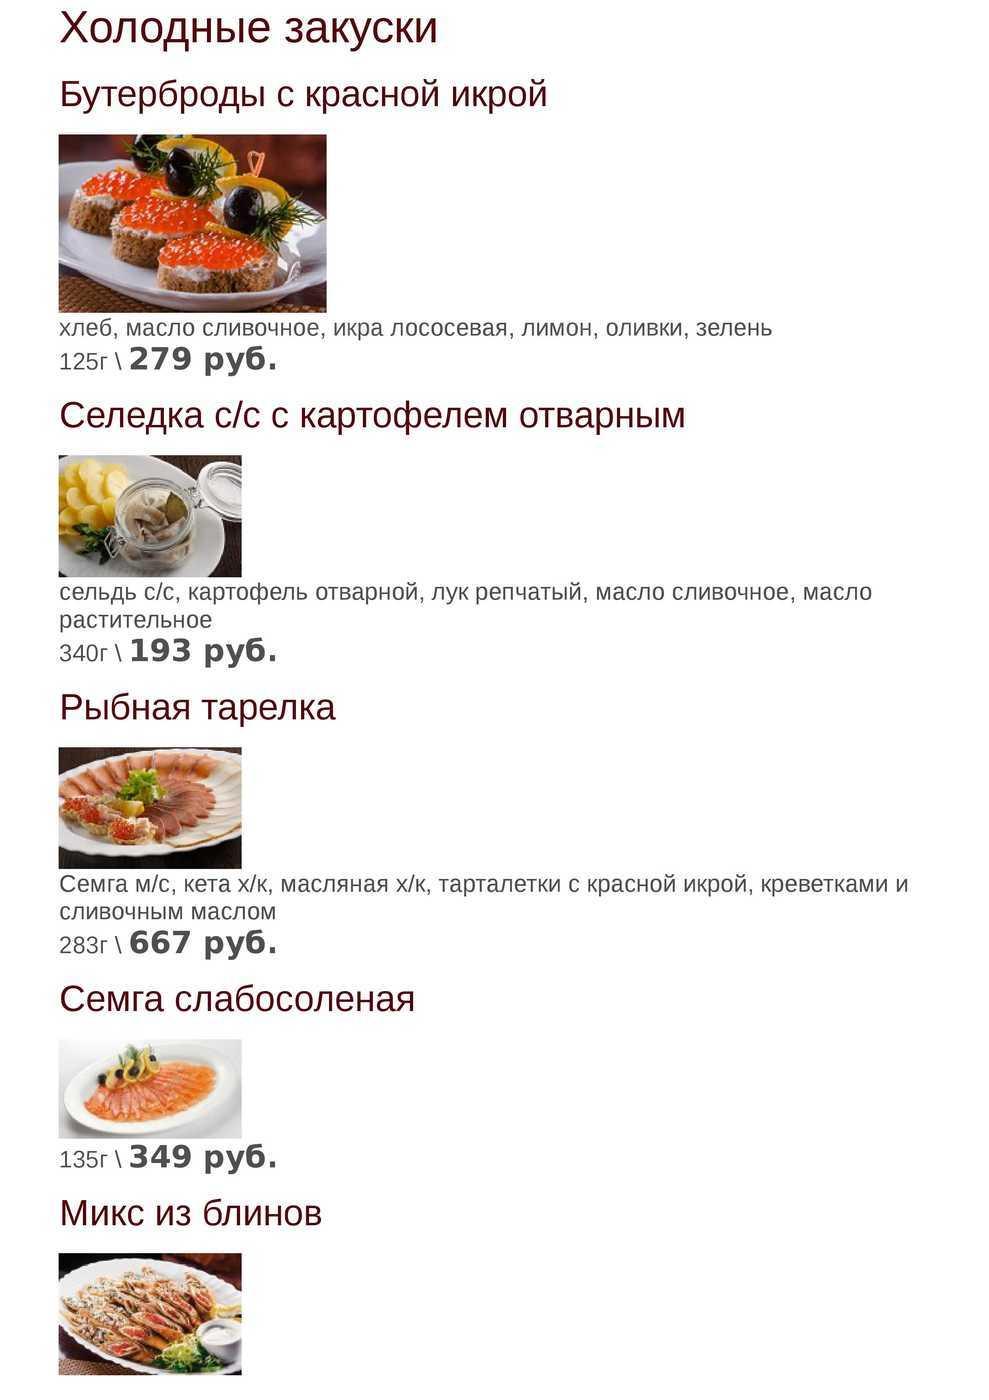 Меню кафе Ермак на проспекте имени газеты Красноярский Рабочий фото 3